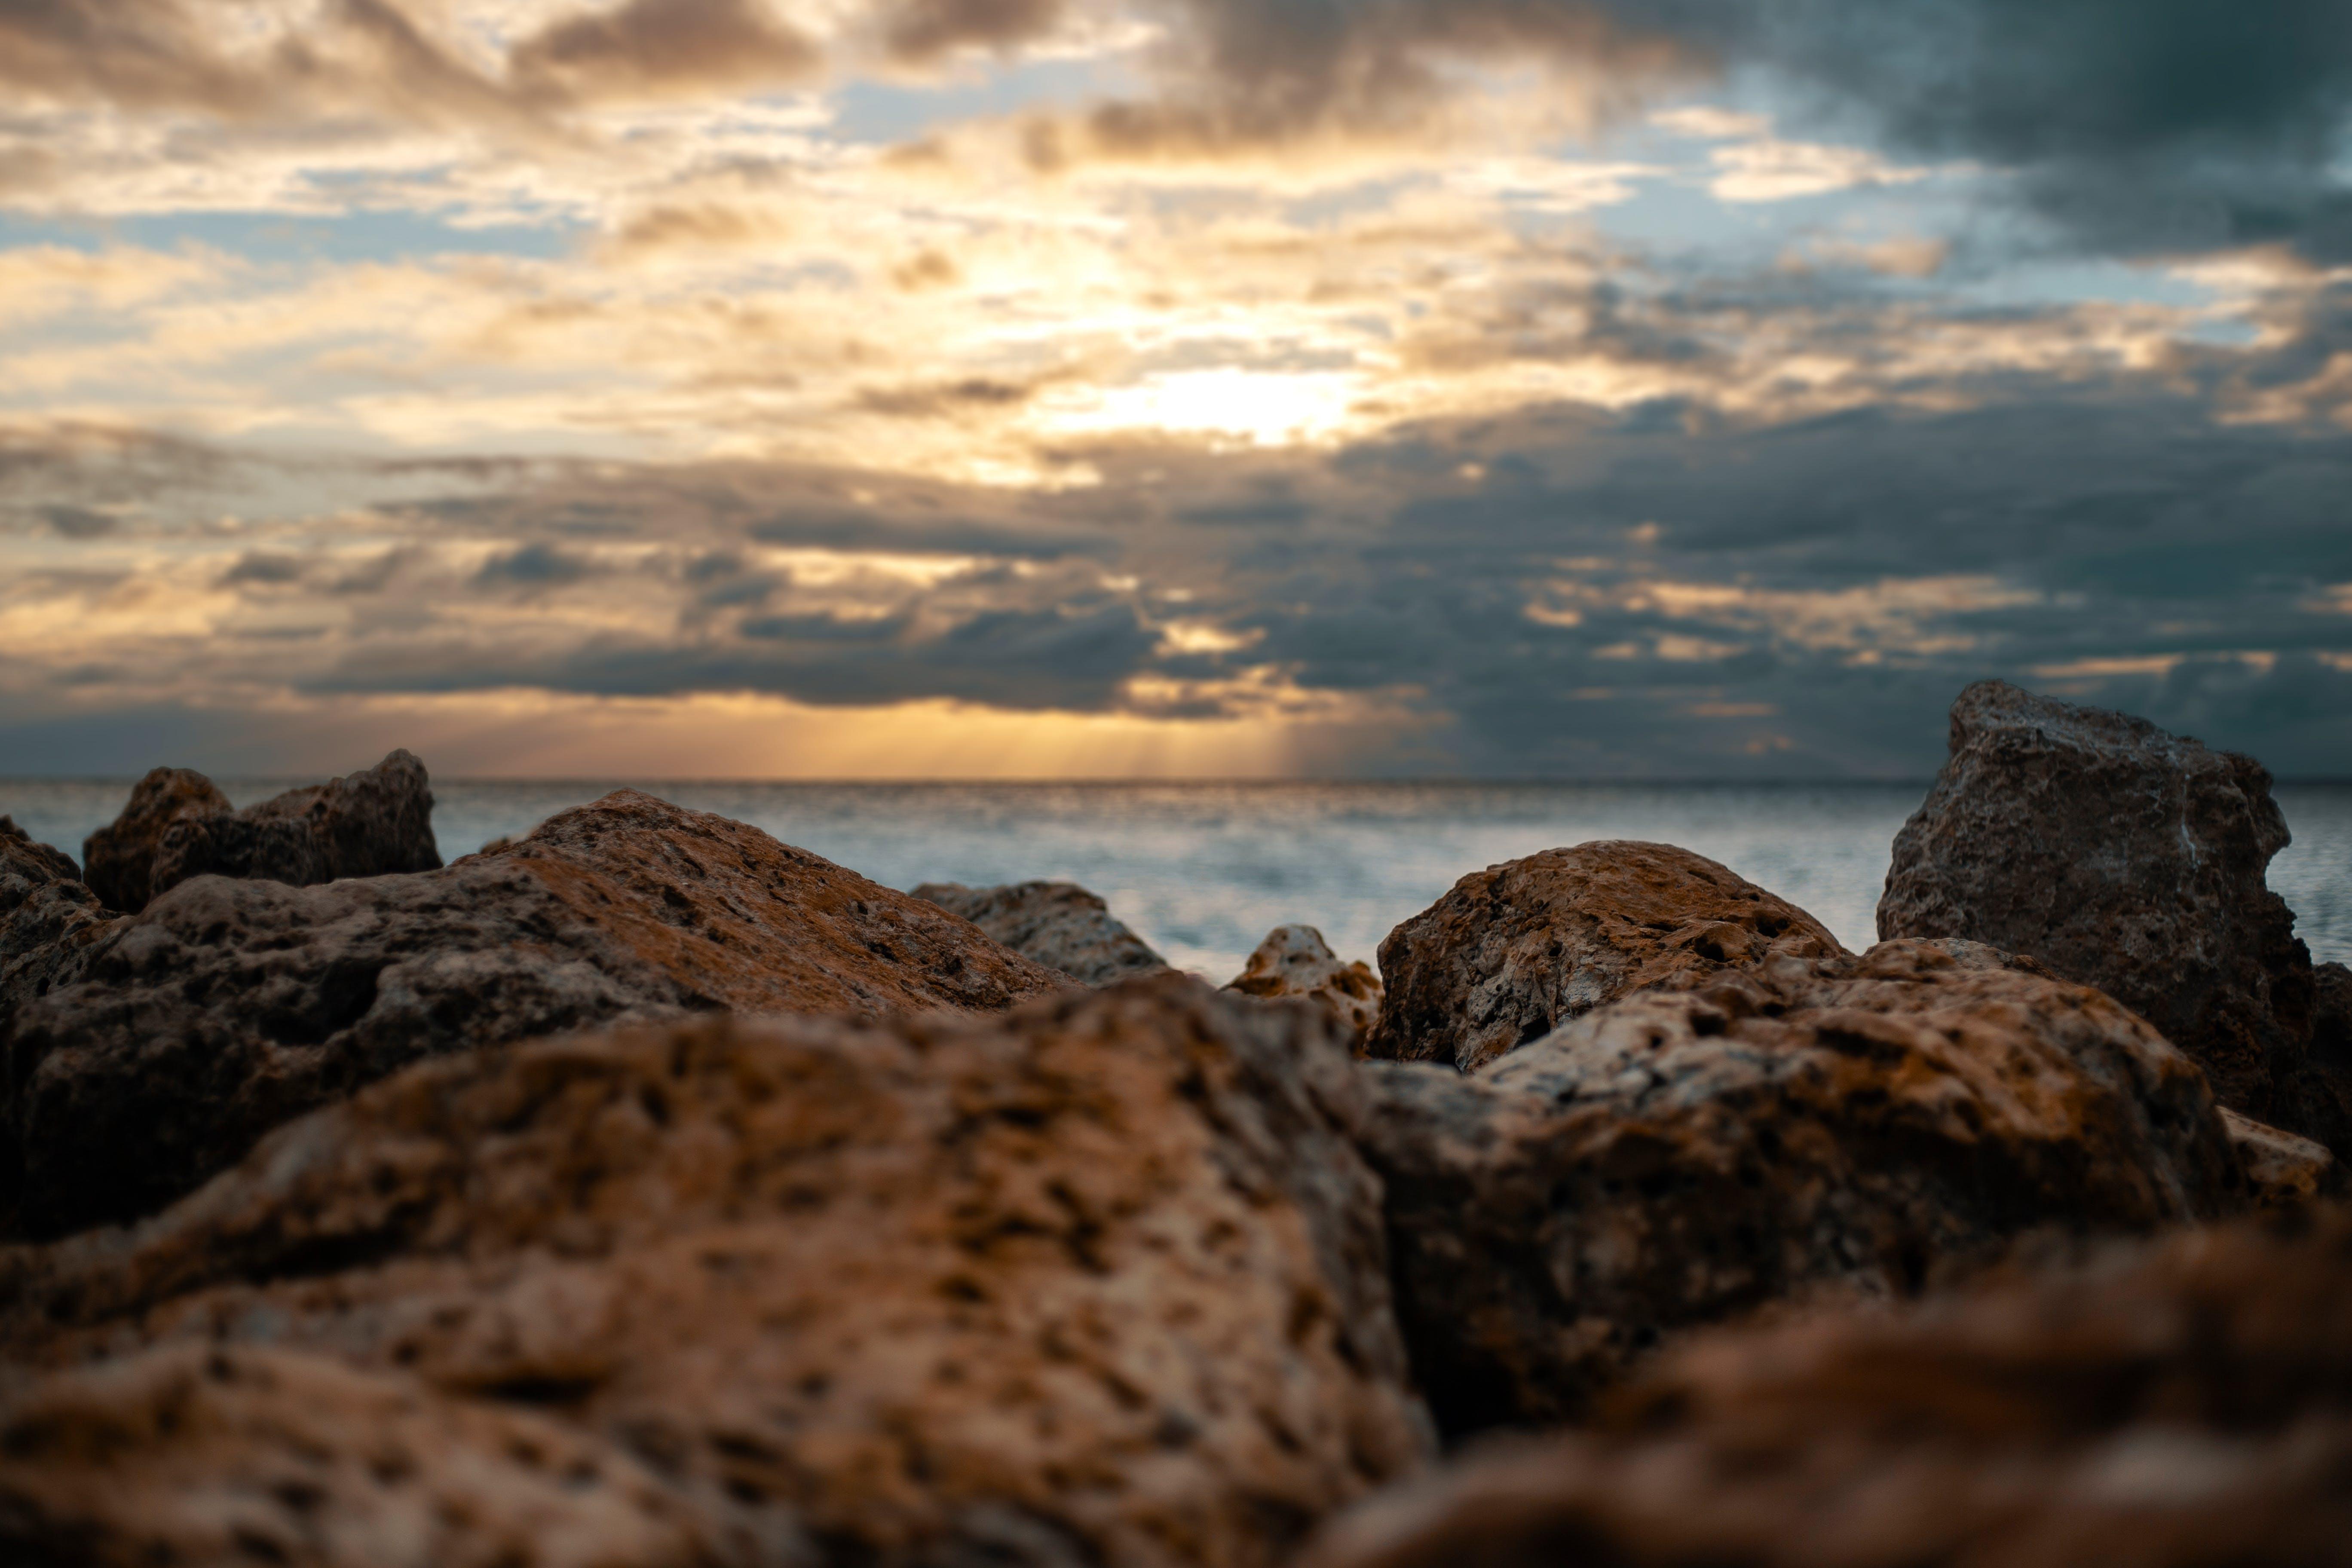 beach, close-up, clouds